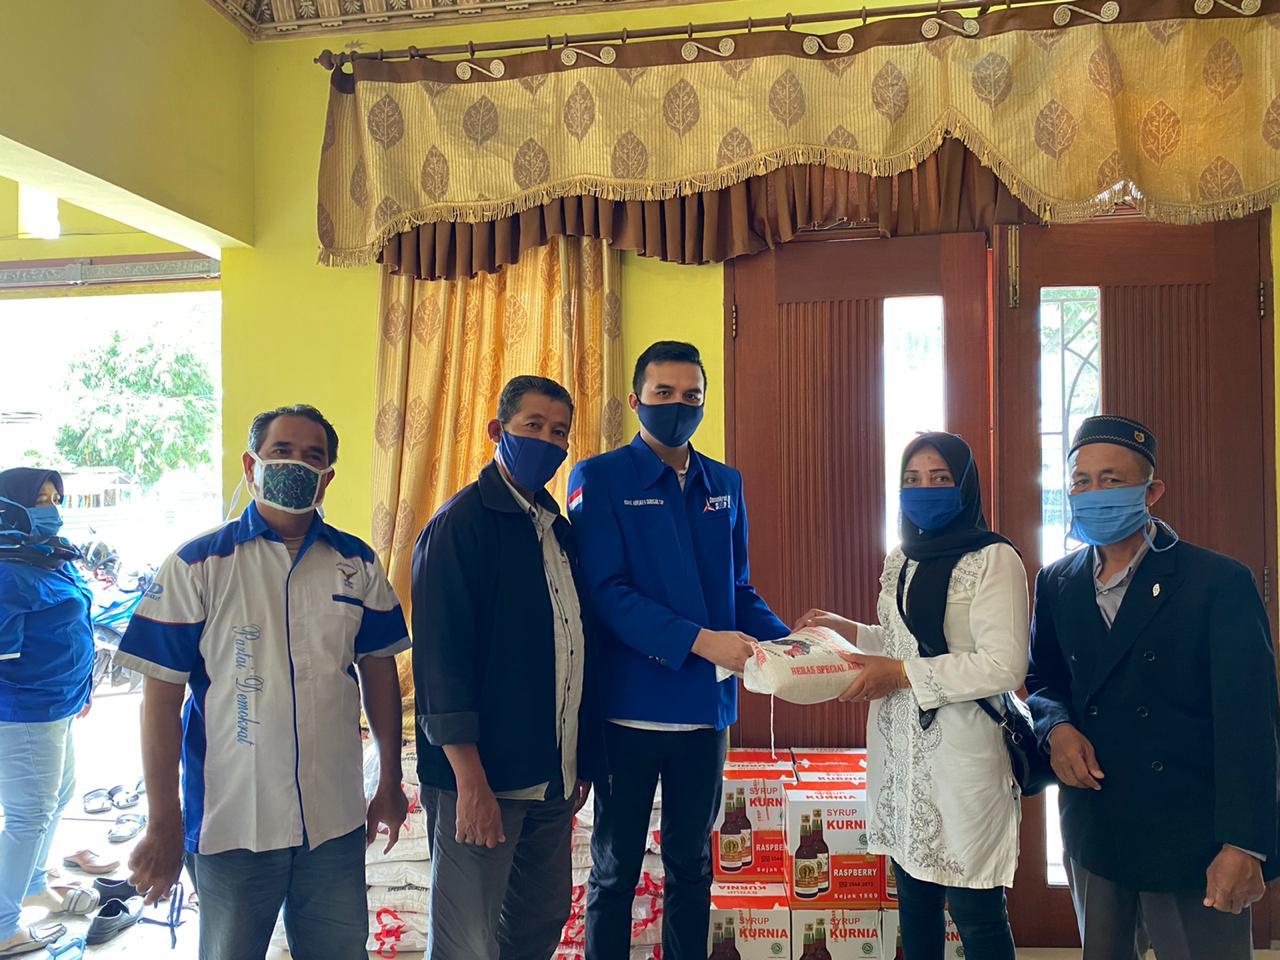 Ket foto : Anggota DPRD Medan, Ishaq Abrar Mustafa Tarigan,SP (tengah) ketika menyerahkan beras kepada perwakilan warga.(Esal)